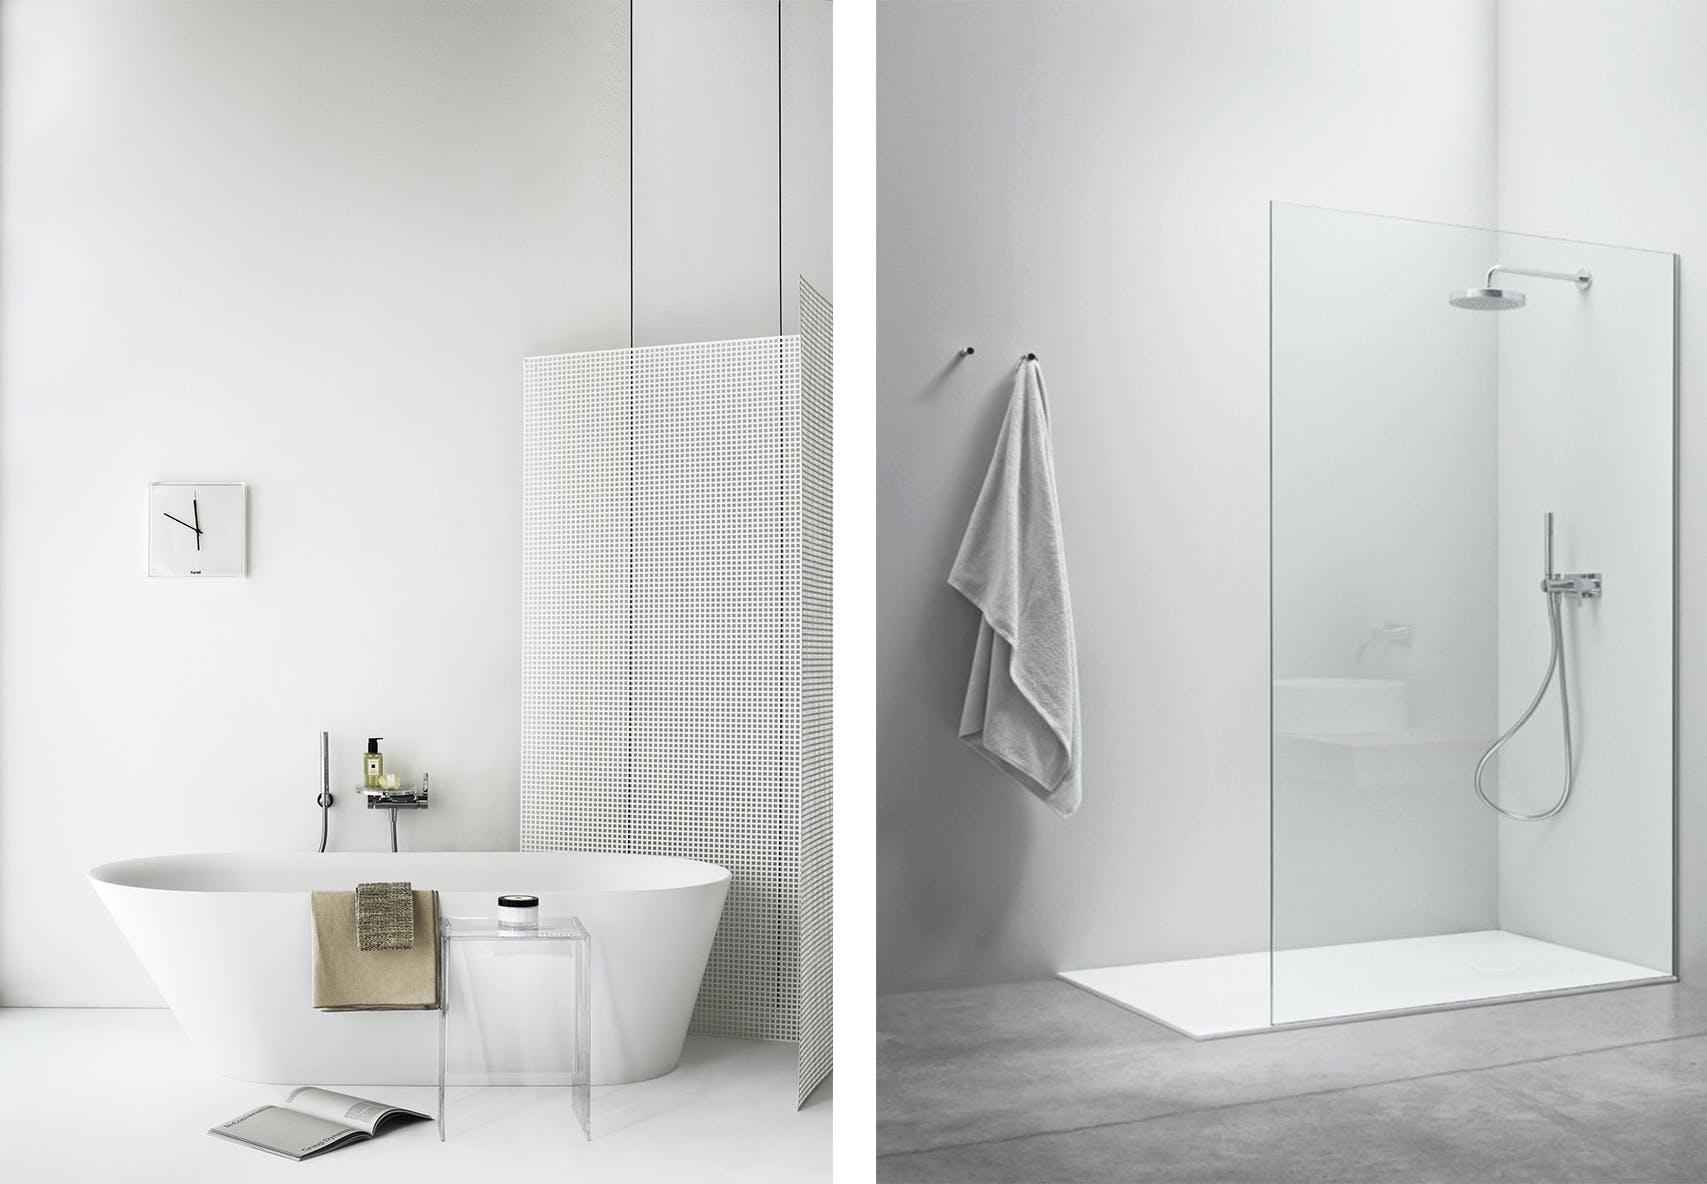 hvidt badeværelse med badekar og brusekabine